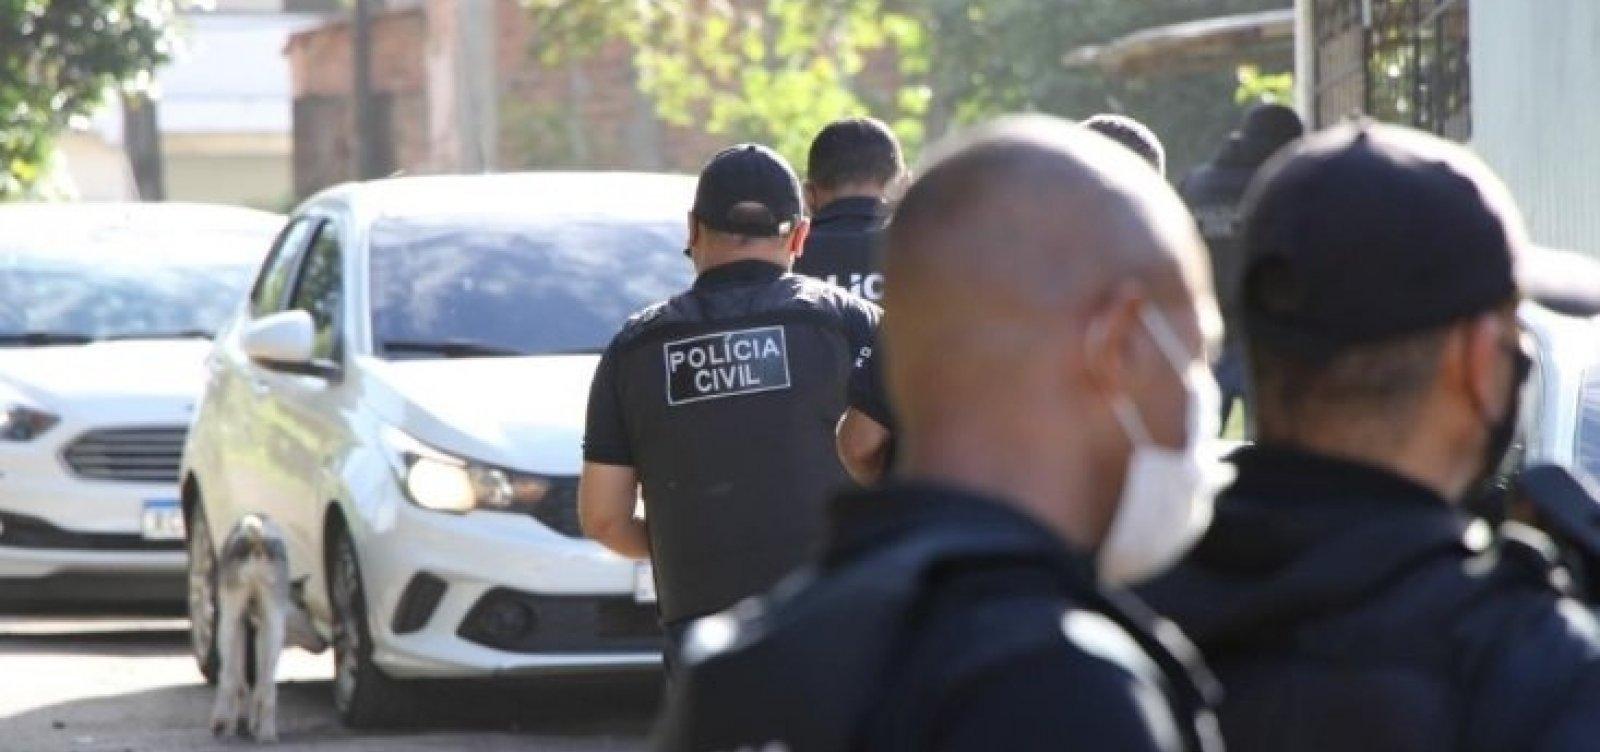 Após série de episódios de violência e mortes, Polícia Civil lança Operação Barra em Paz